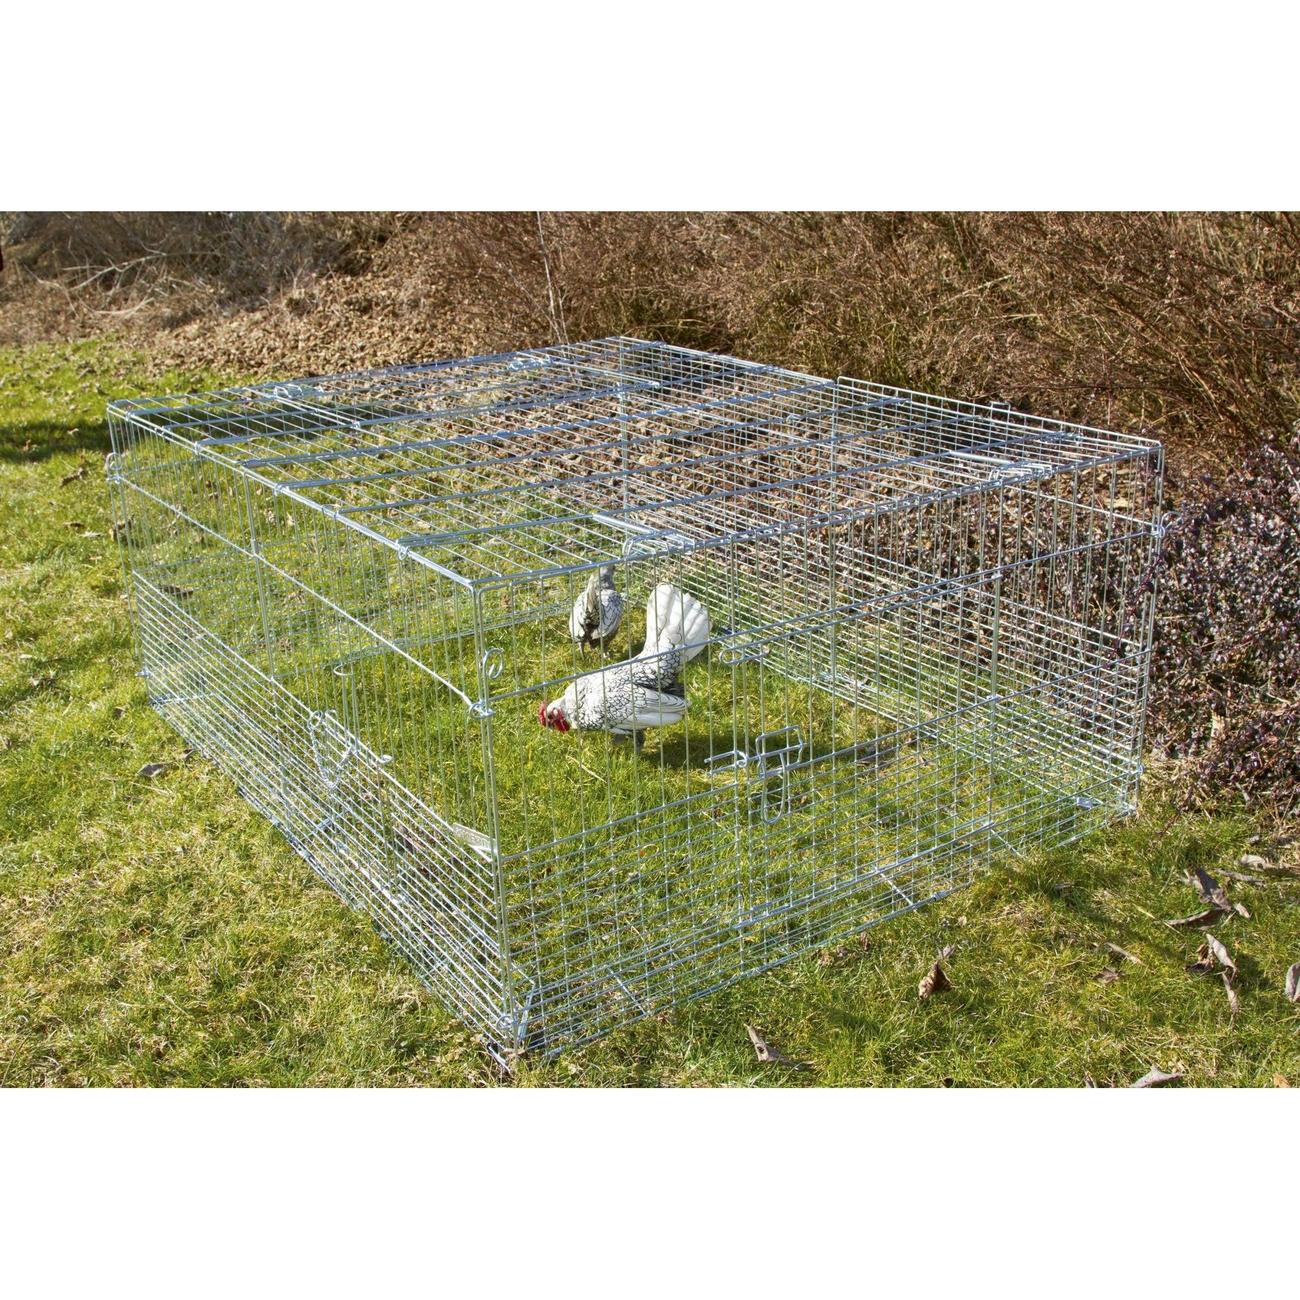 Kerbl Freilaufgehege mit Ausbruchsperre für Jungtiere, Bild 2